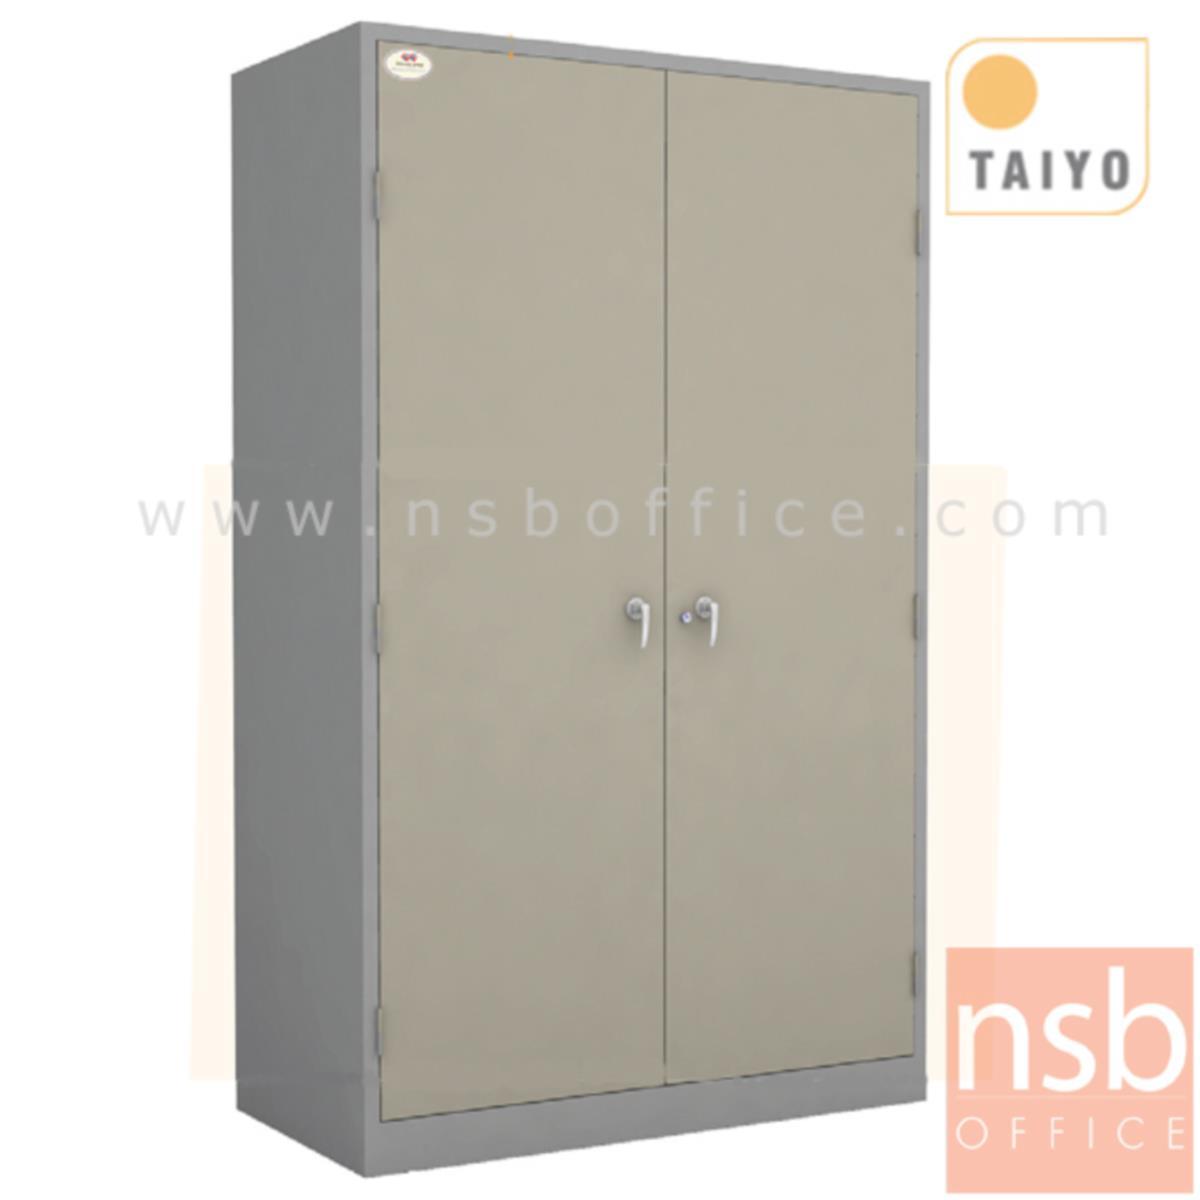 E07A018:ตู้เหล็กอุตสาหกรรม บานเปิดทึบ 122.2W*61.1D*198.2H cm รุ่น CB78BWK-00  (รับน้ำหนัก 80 KG/ชั้น)